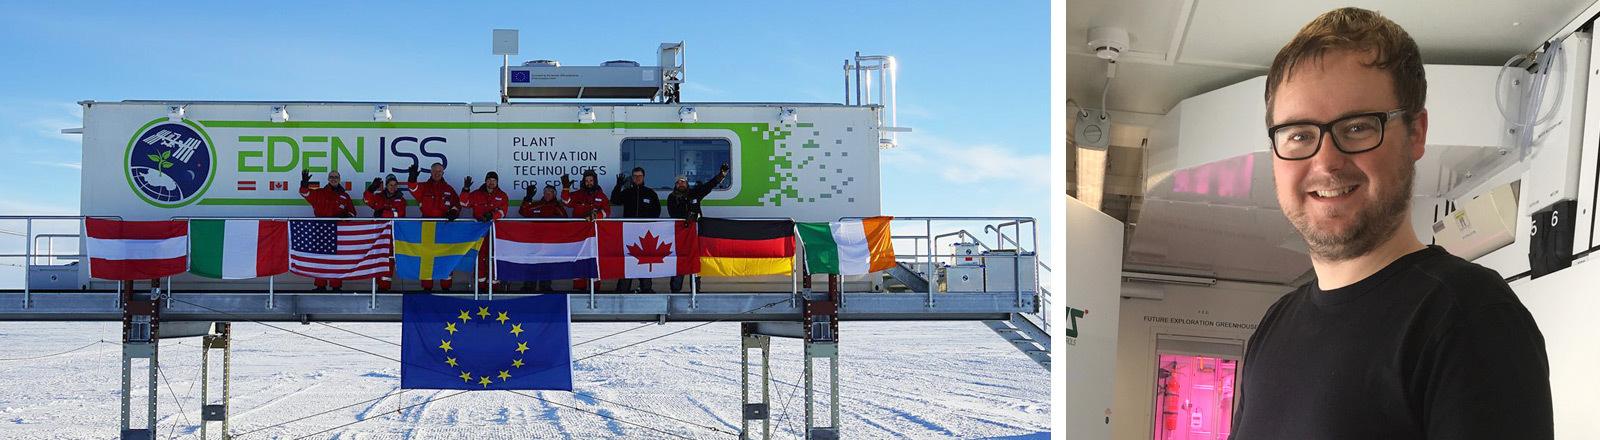 Paul Zabel testet den Gemüseanbau in der Antarktis als Probelauf fürs Weltall.